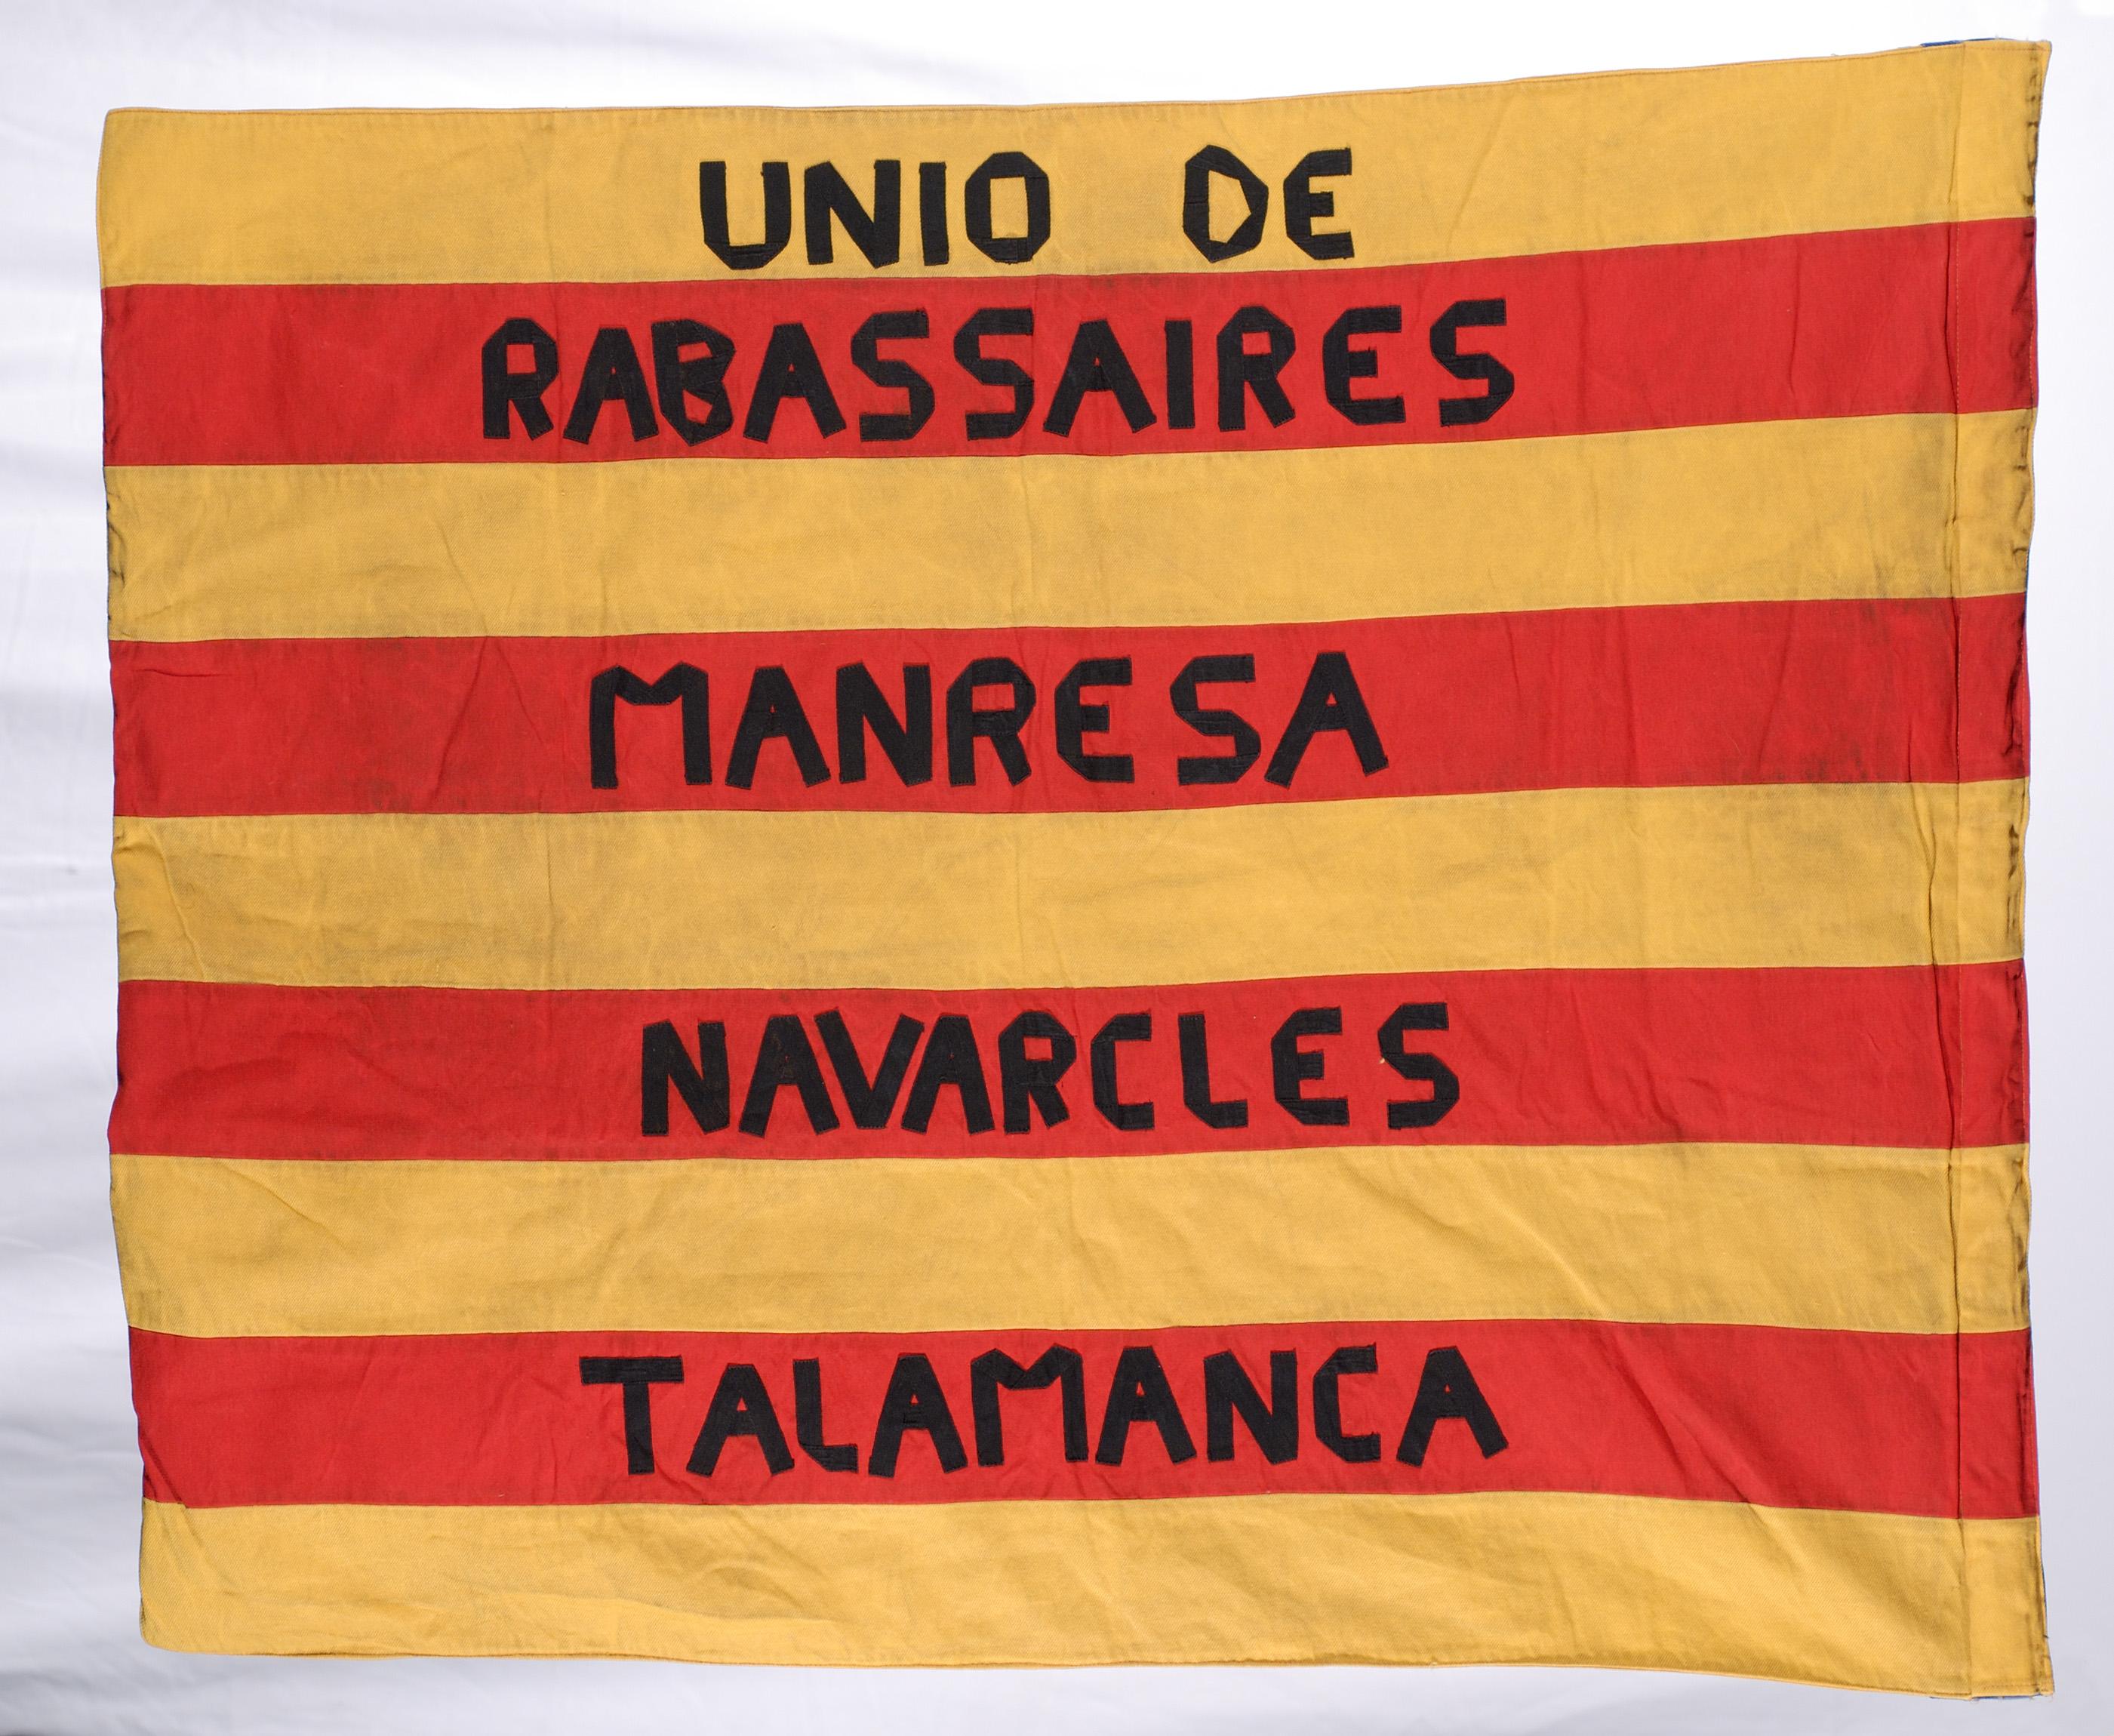 Unió de rabassaires. Manresa, Navarcles, Talamanca (revers)